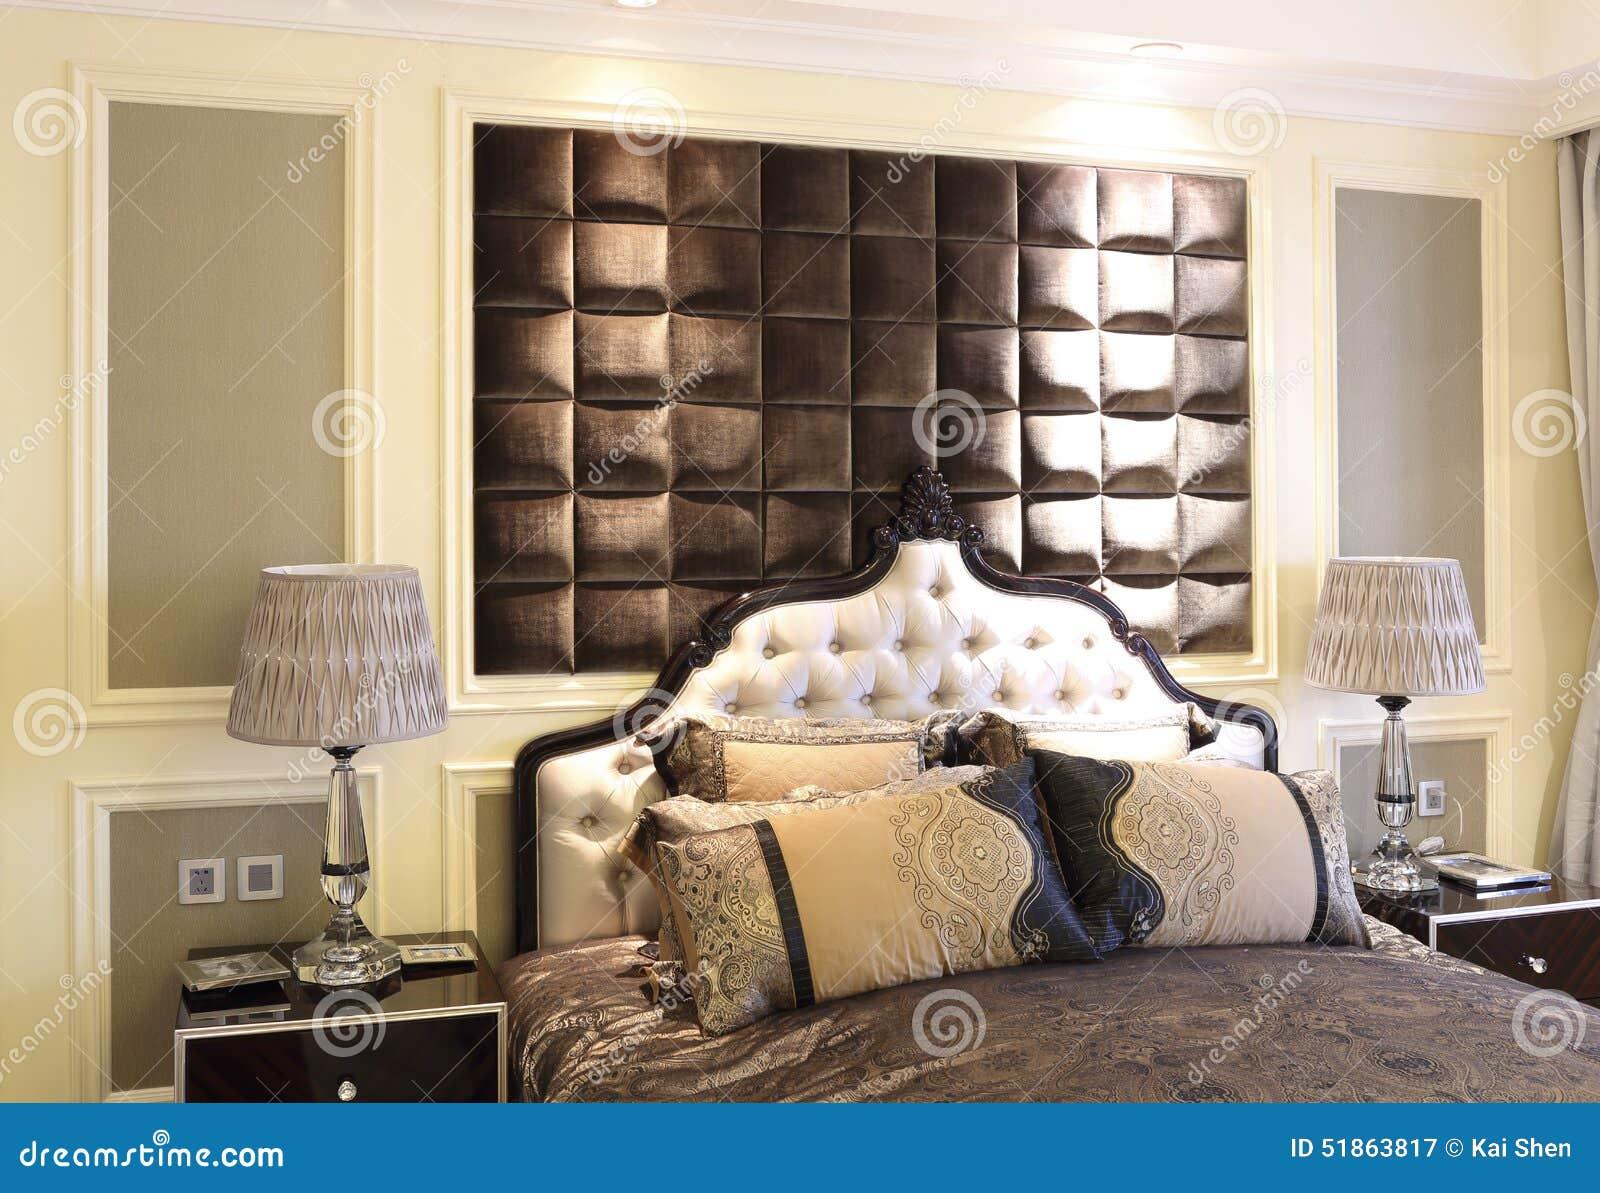 chambre coucher et cabinet dans la salle tmoin de l appartement - Salle A Coucher